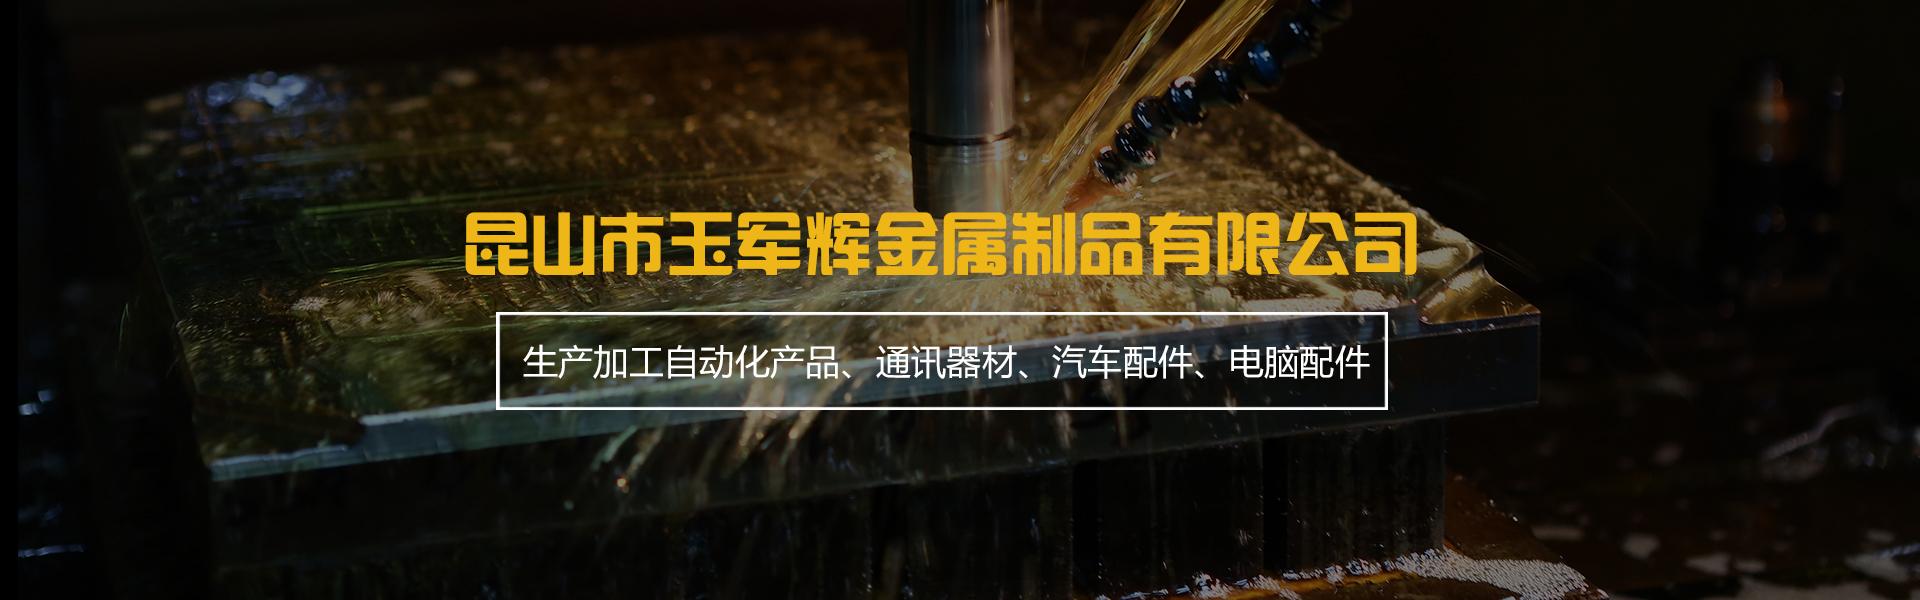 昆山市玉军辉金属制品有限公司主要以生产加工自动化产品、通讯器材、汽车配件、电脑配件